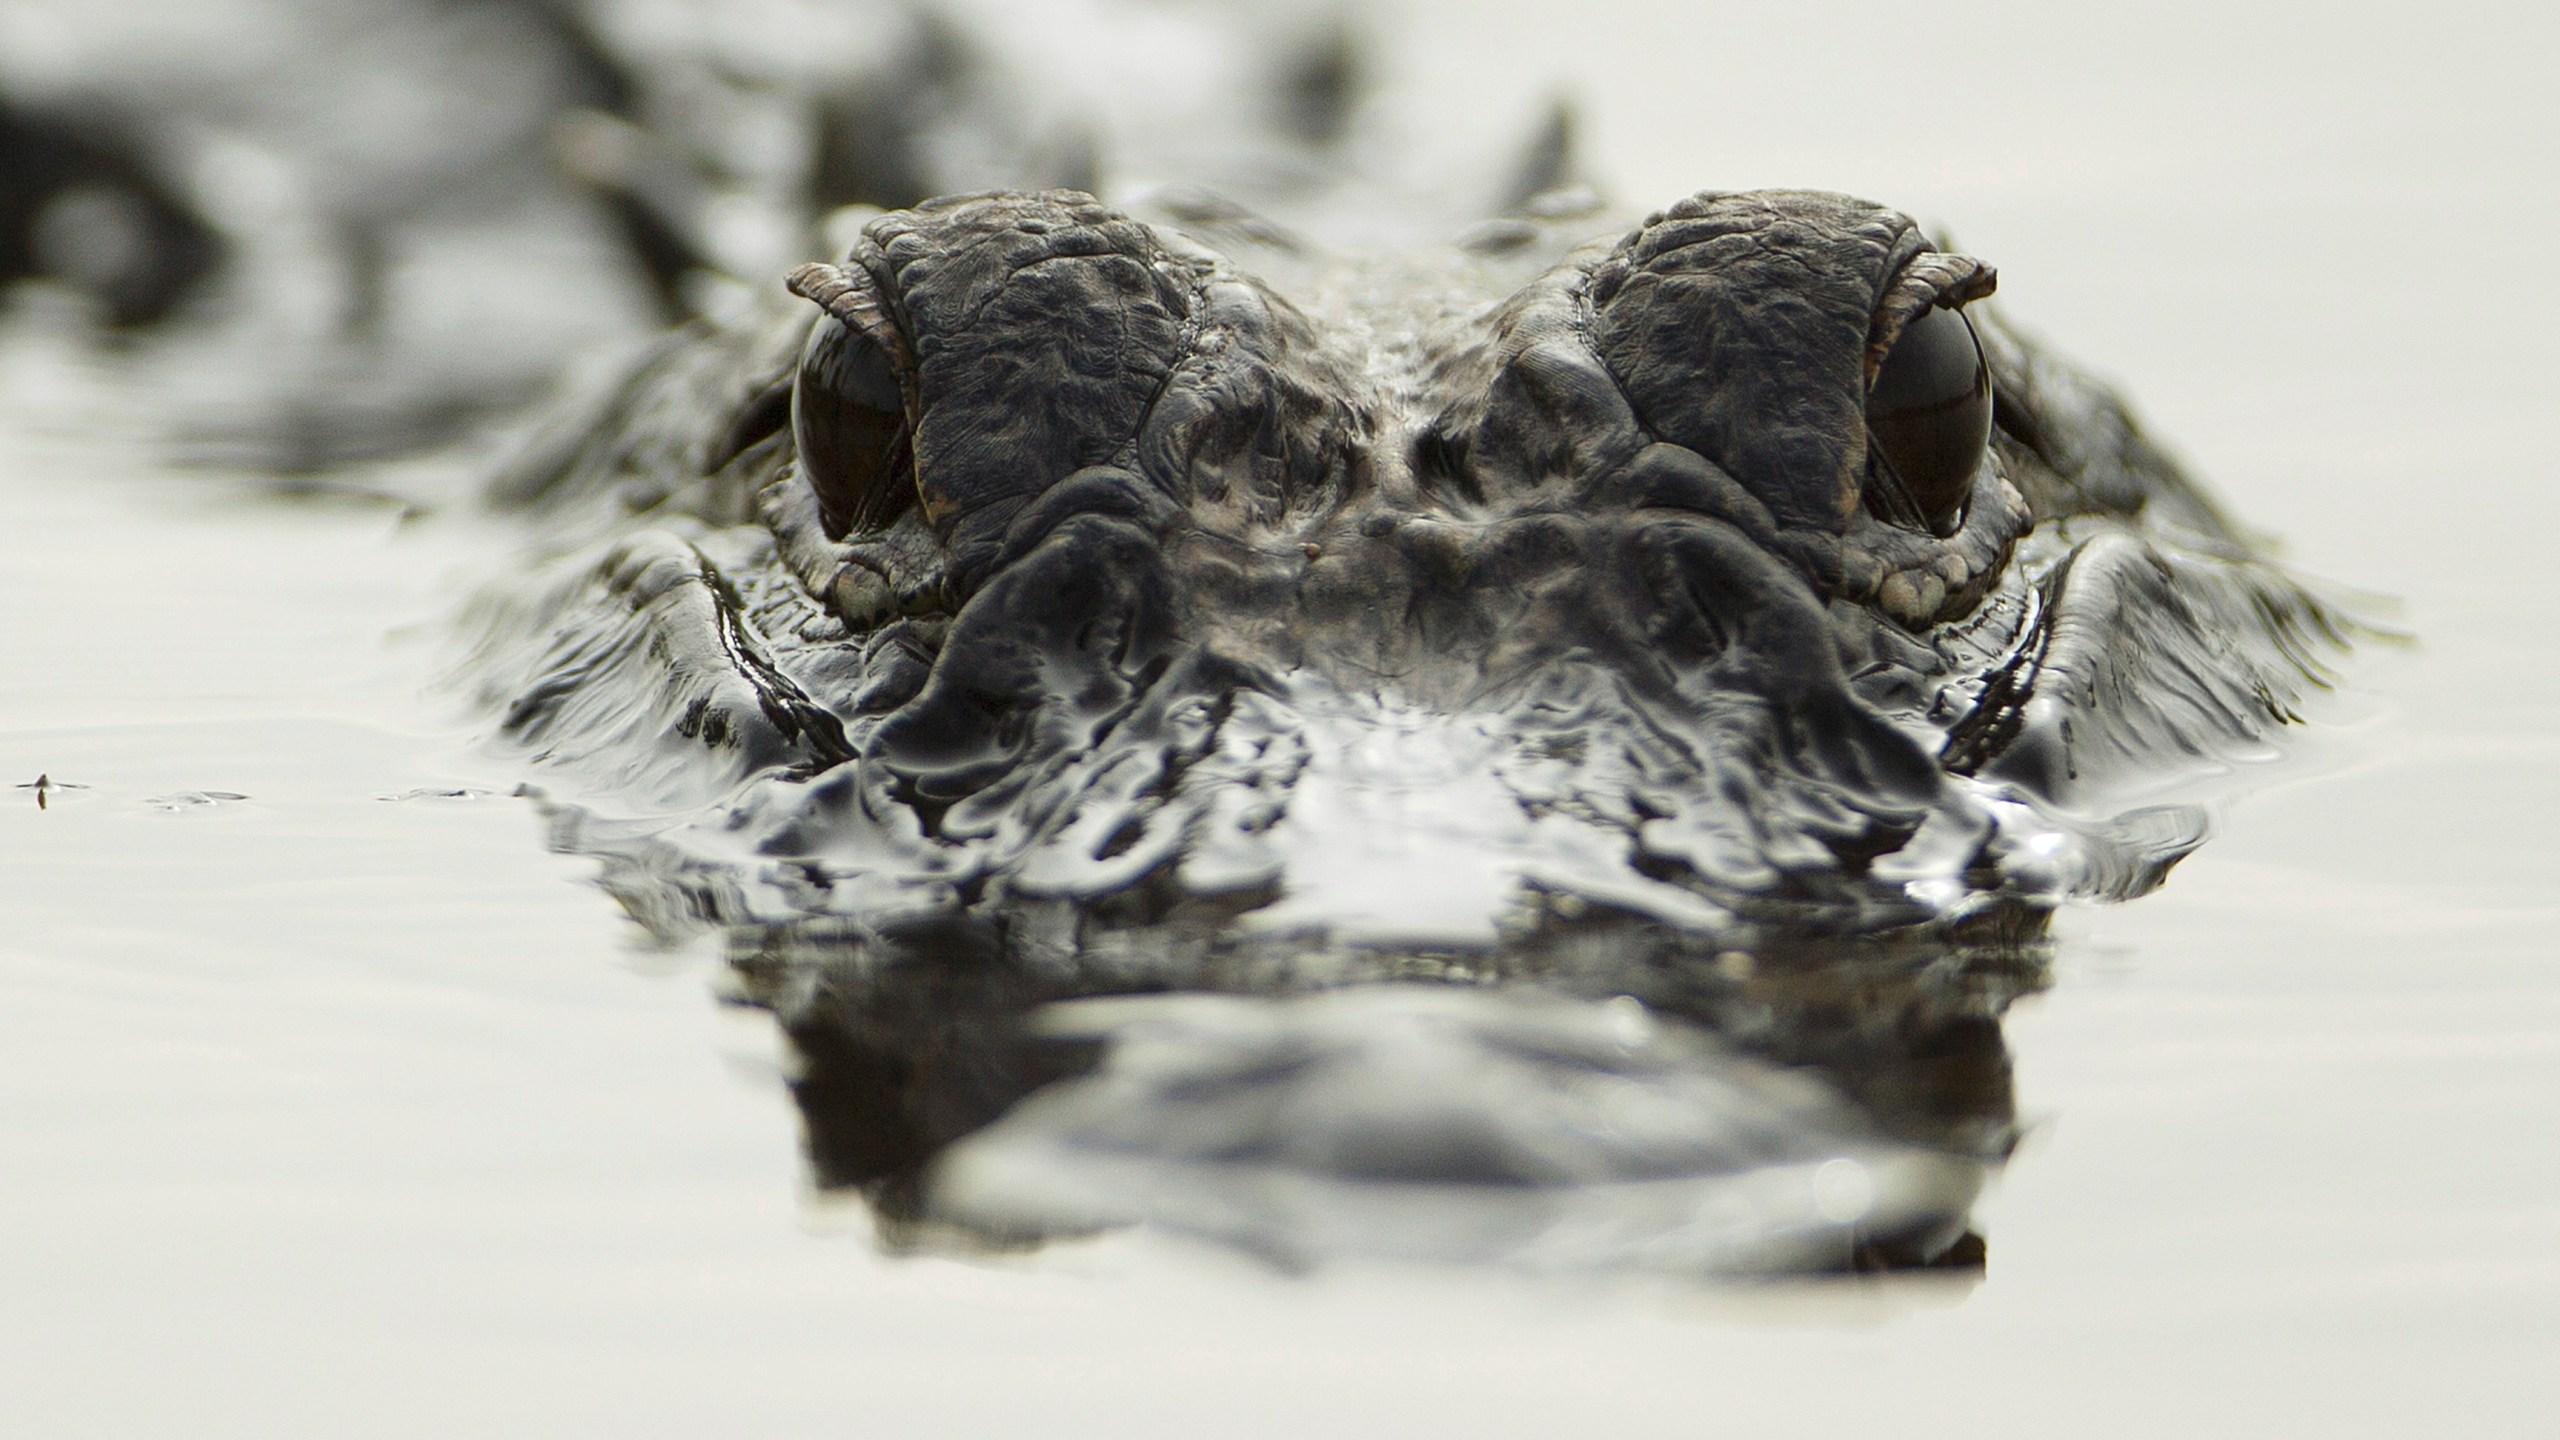 Alligator_148313